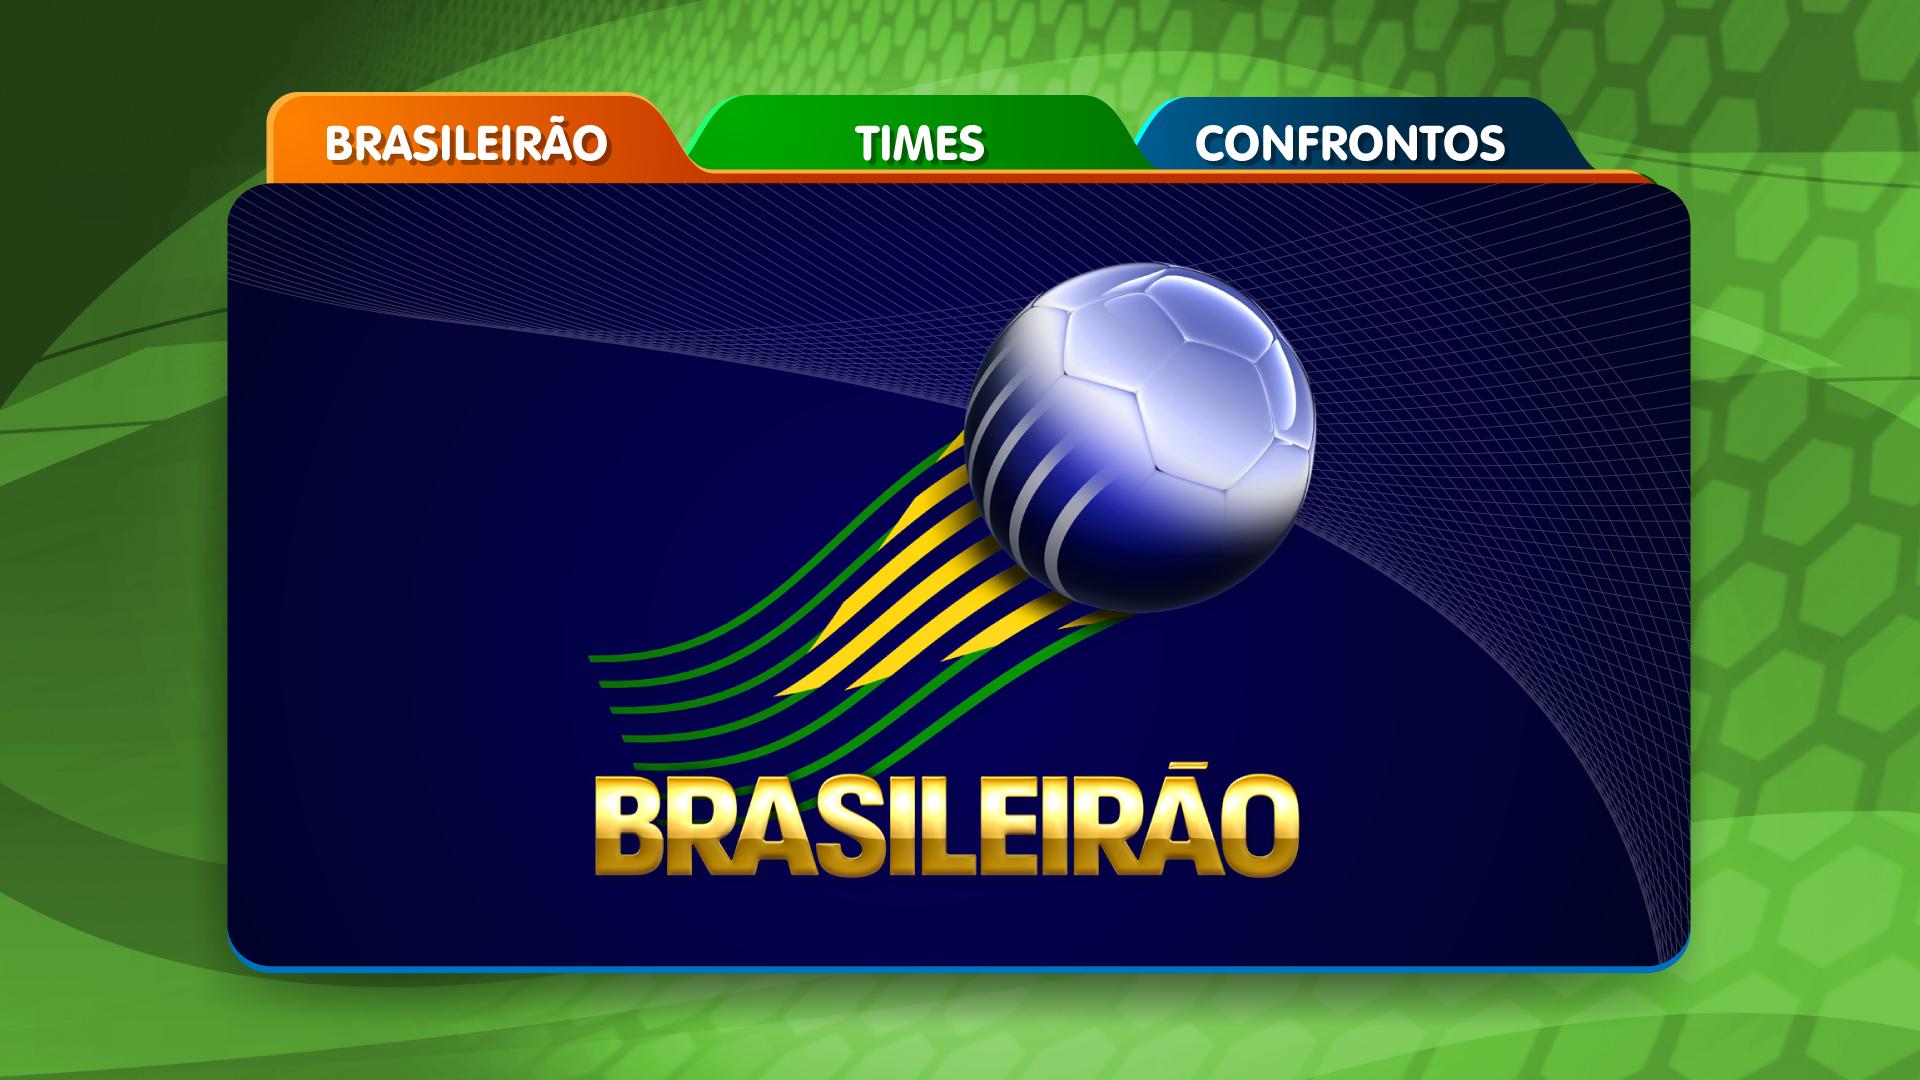 Brasileirão – Soccer Statistics Touchscreen UI